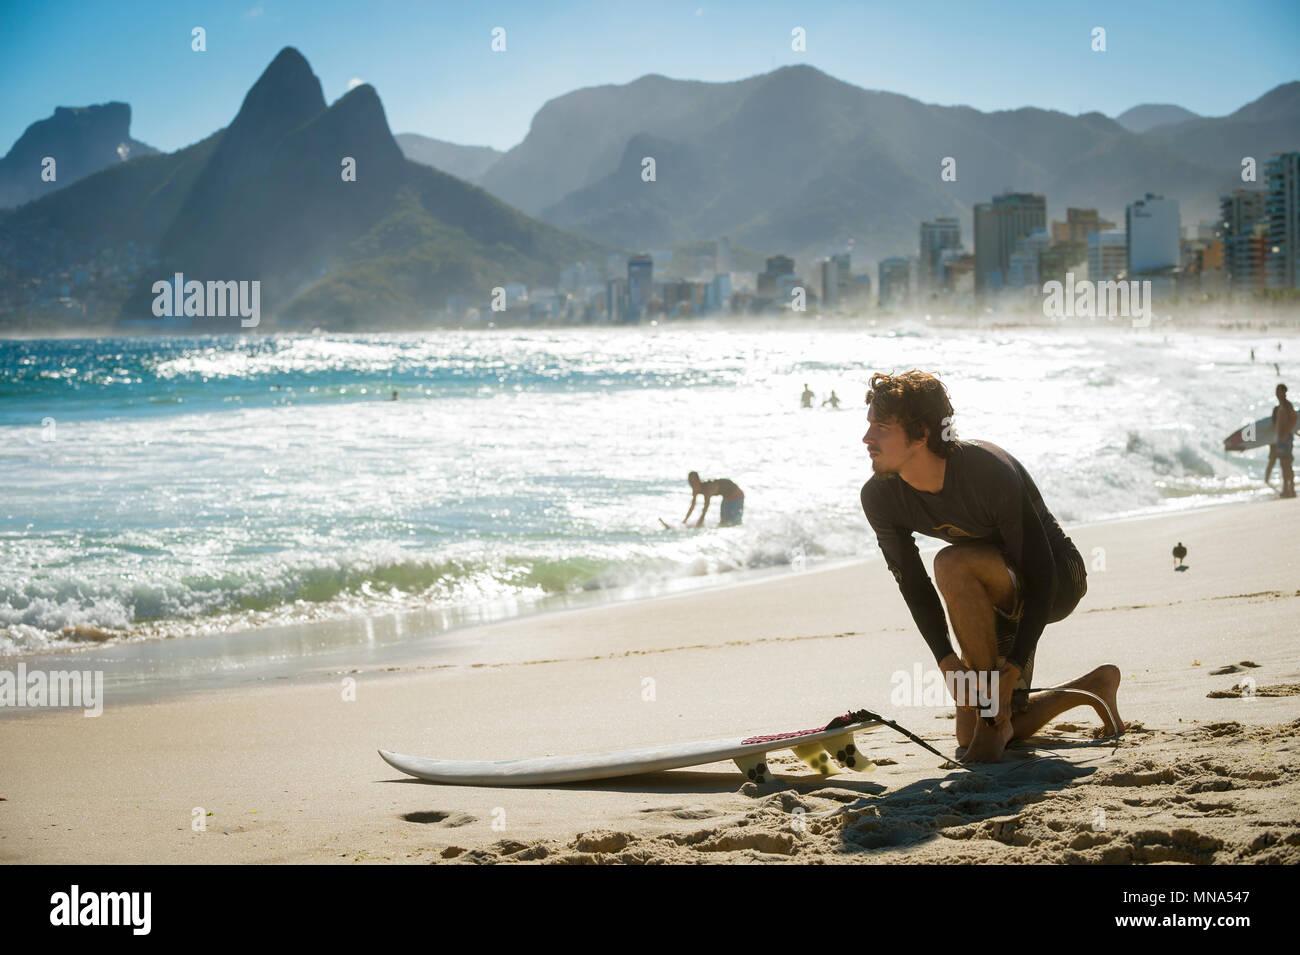 RIO DE JANEIRO - Marzo 20, 2017: surf en la playa antes de dirigirnos a las olas en el surf break en Arpoador. Imagen De Stock